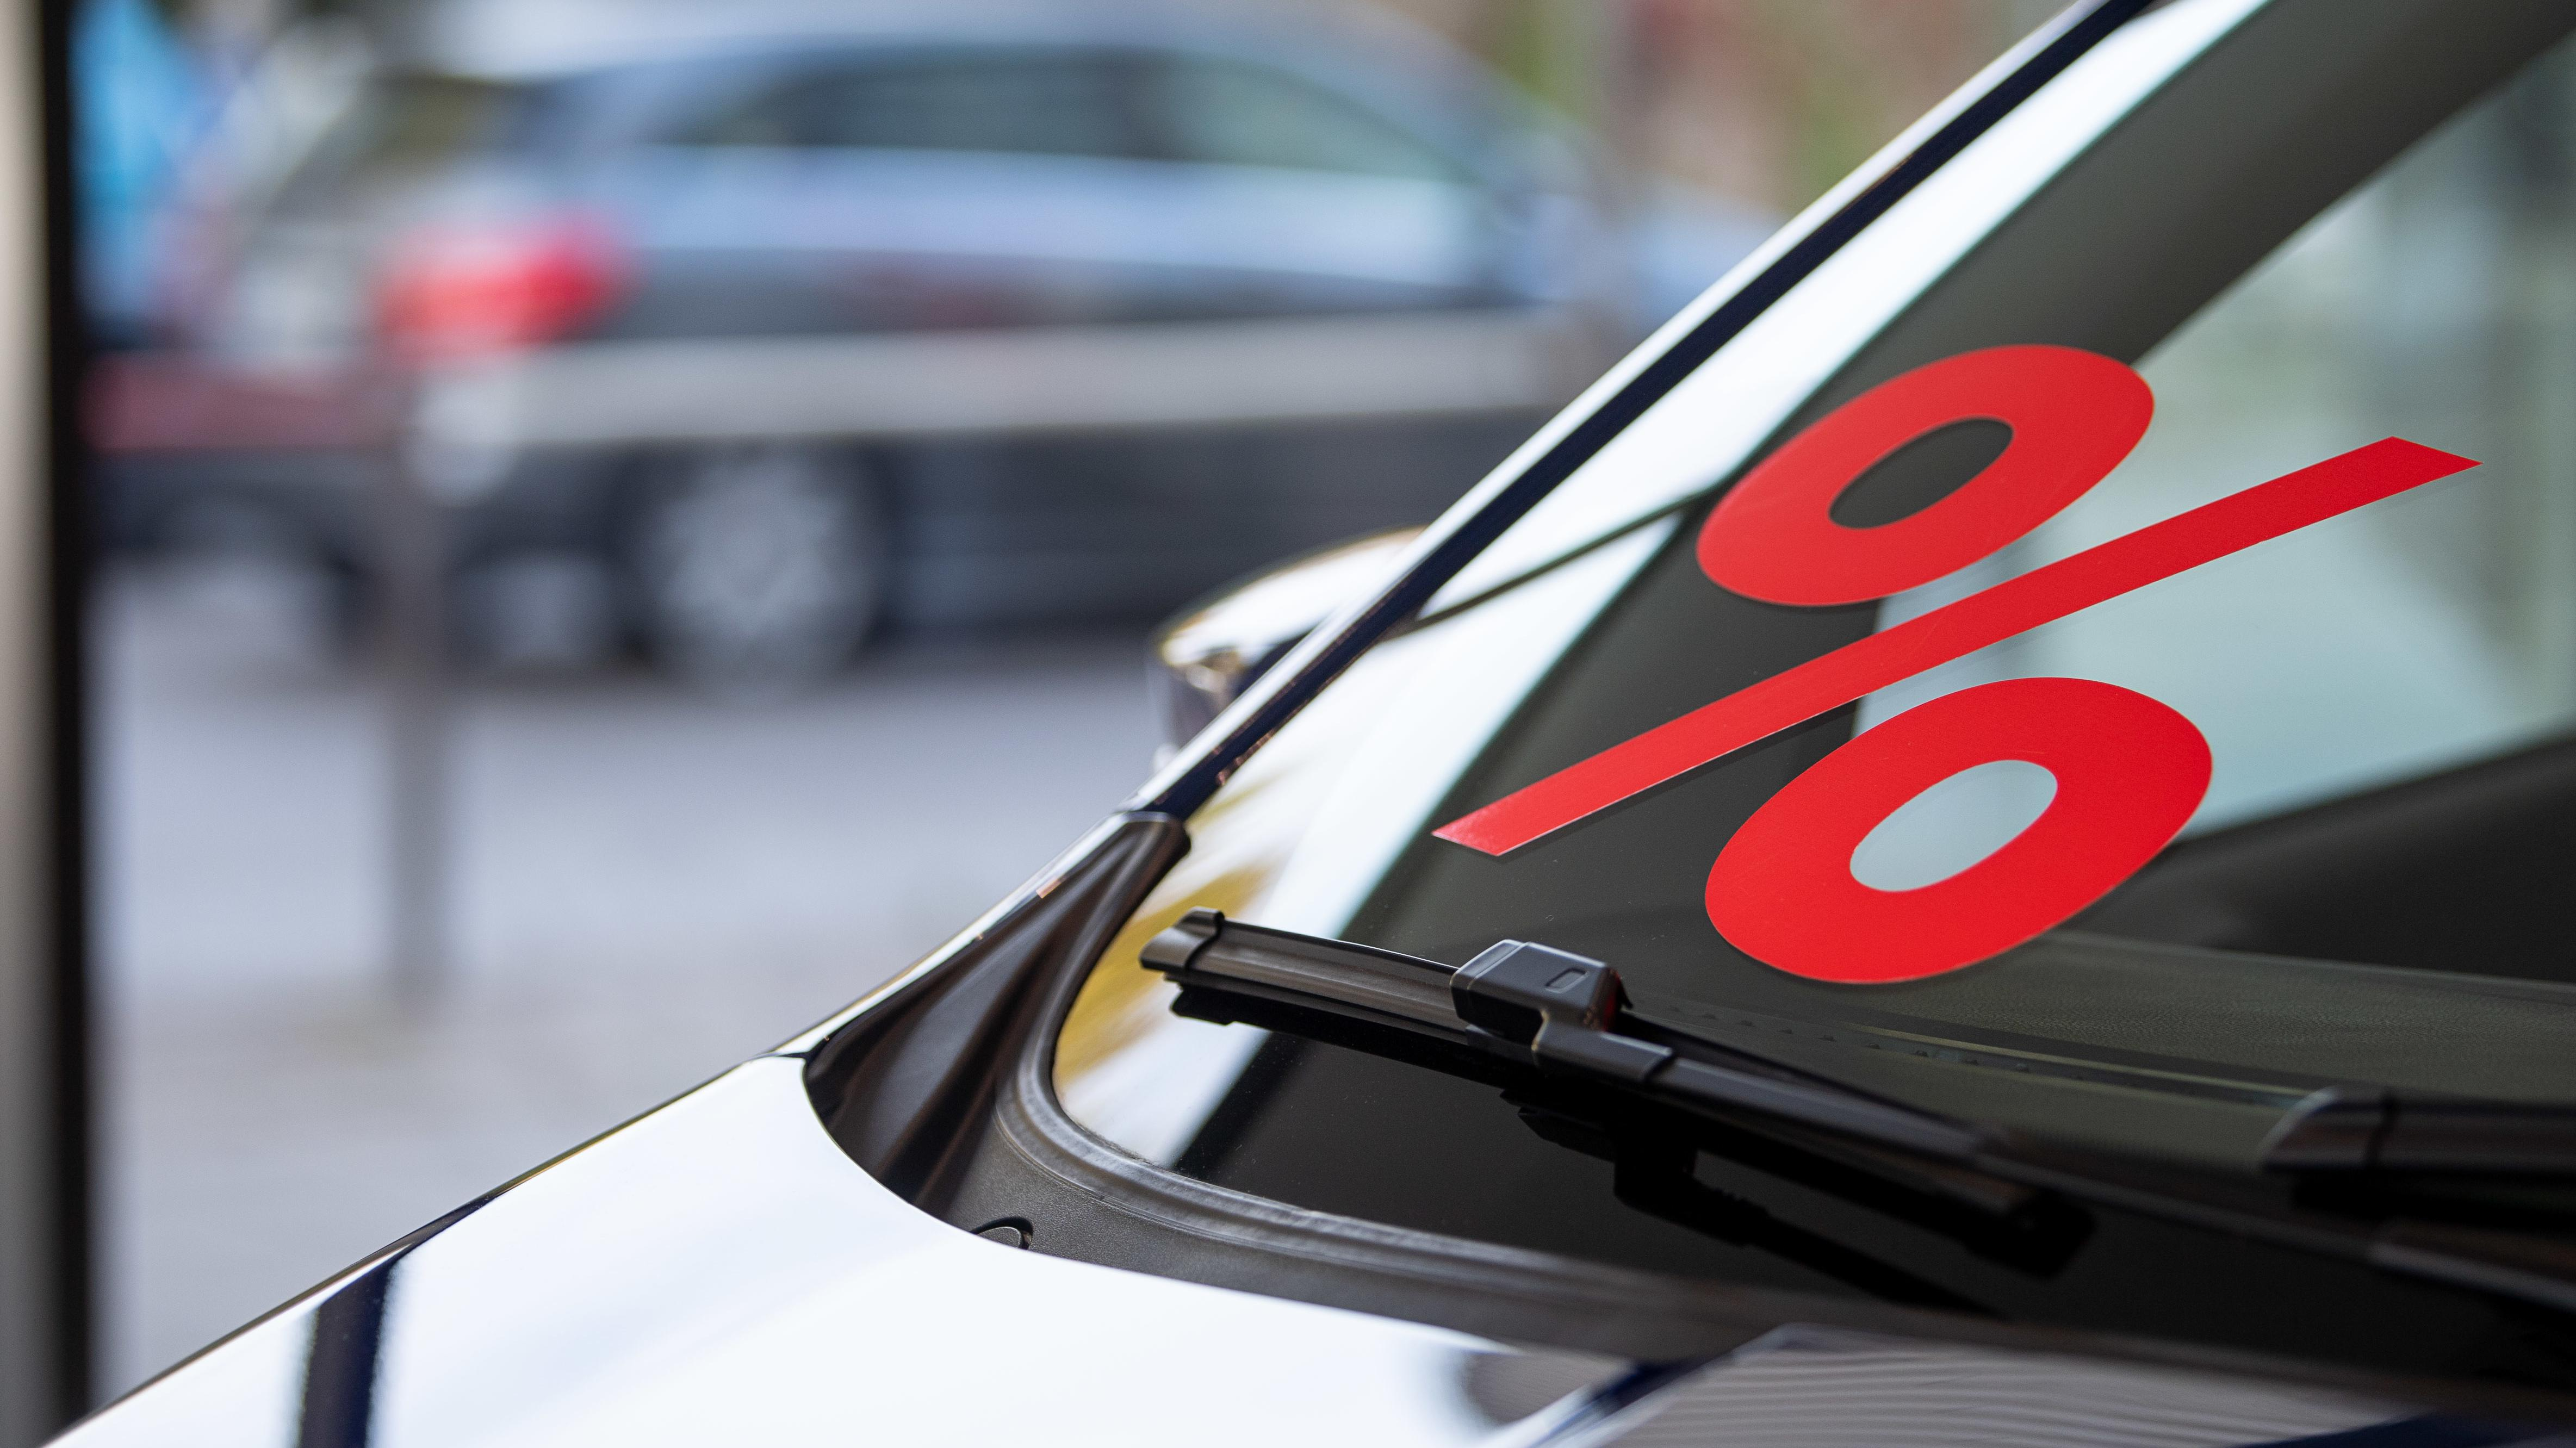 Ein Prozentzeichen klebt auf der Scheibe eines Autos